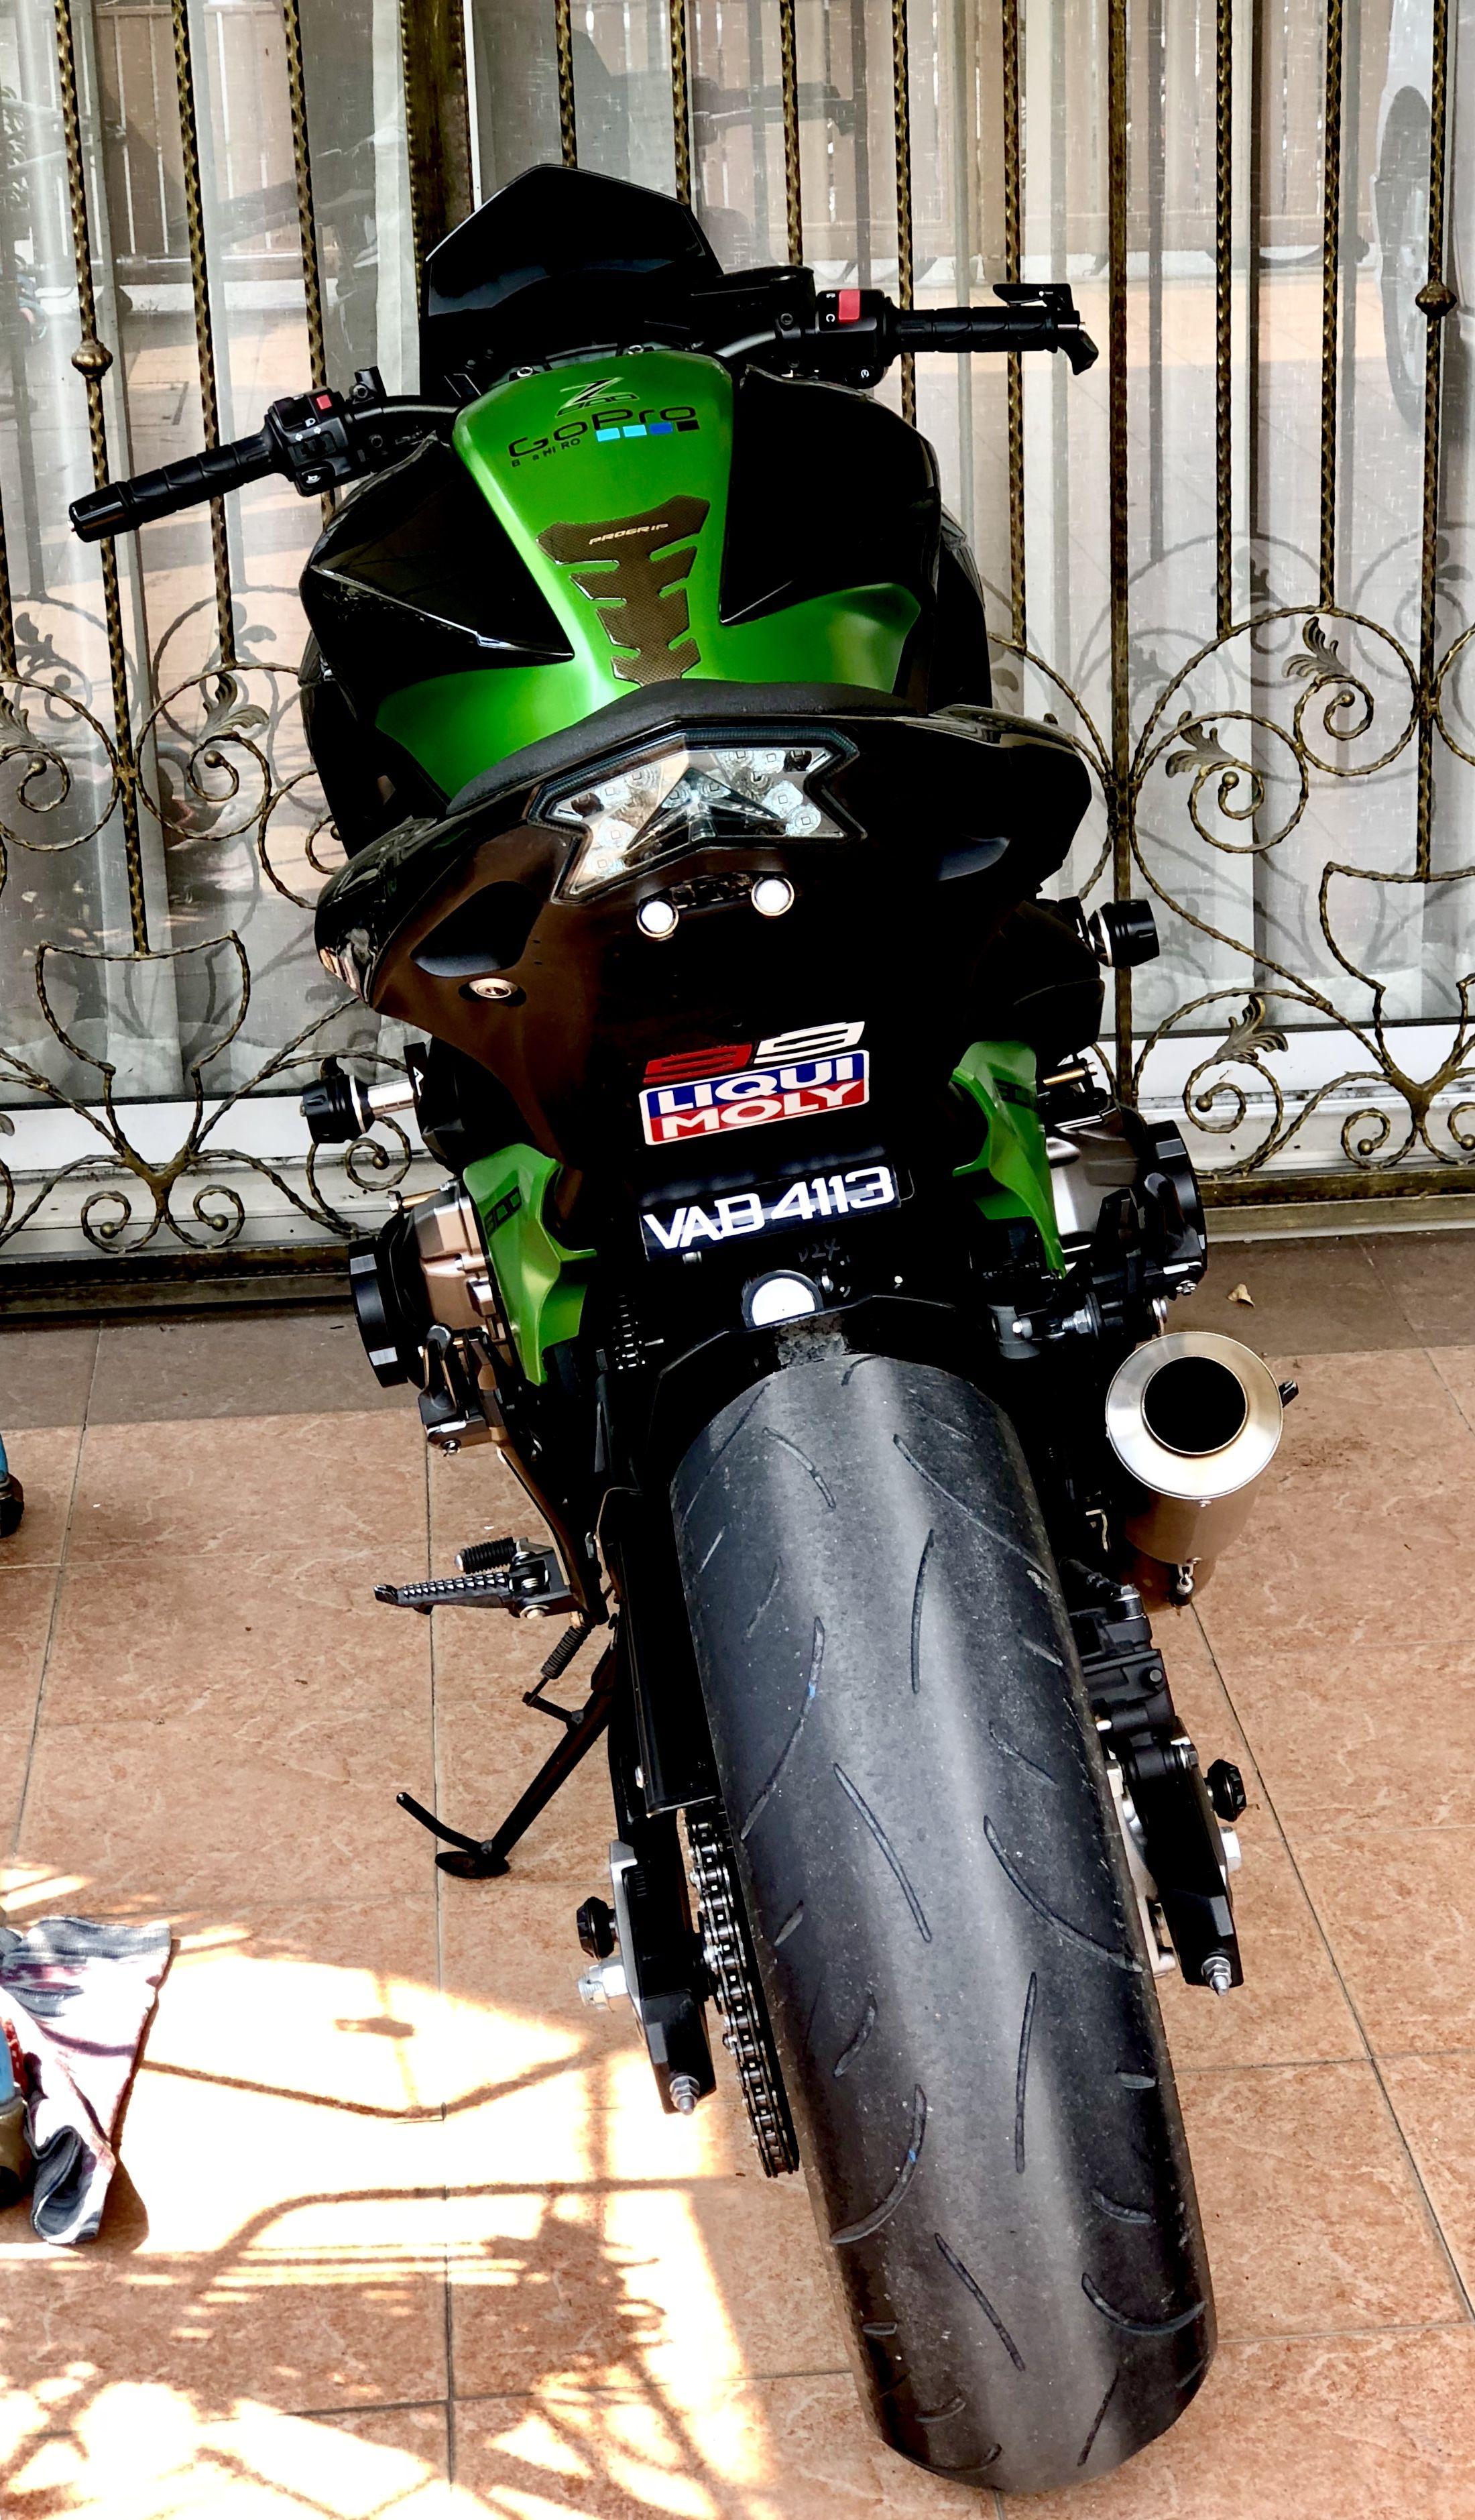 Pin de Catalyst em kawasaki z800   Motos de rua, Motos, Z750